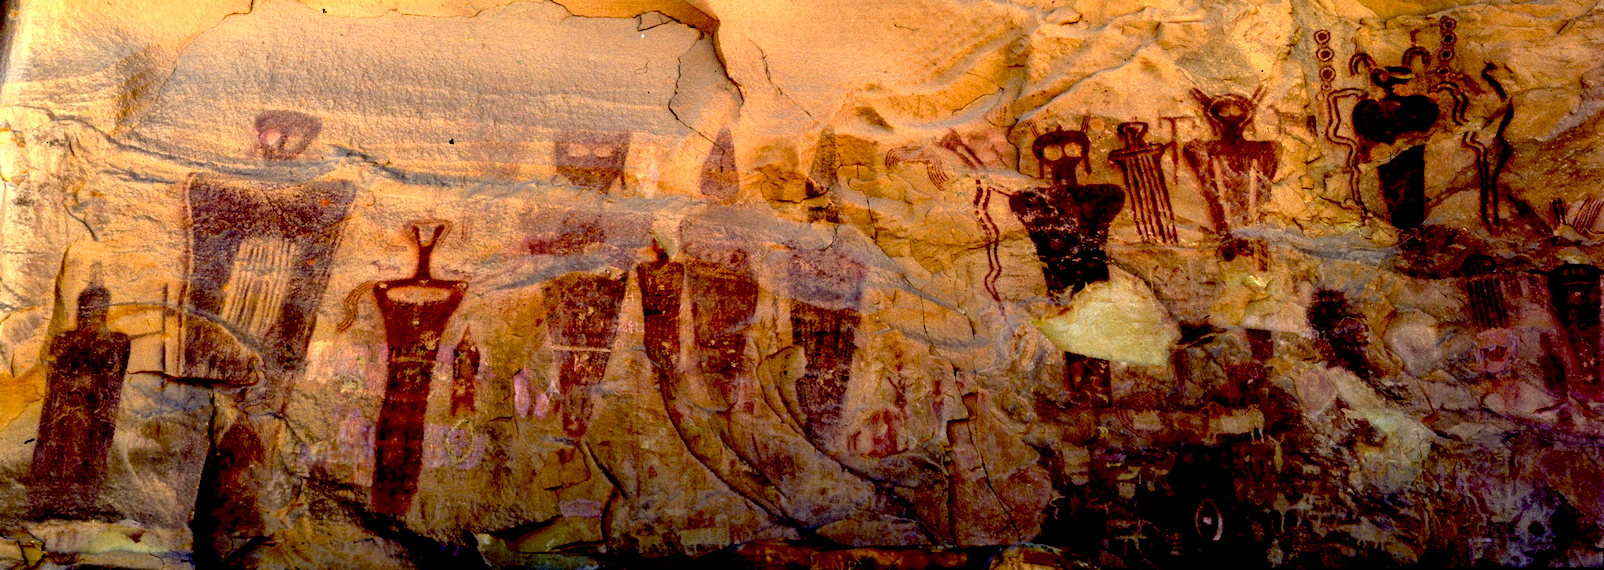 spiritual pilgrimage essay